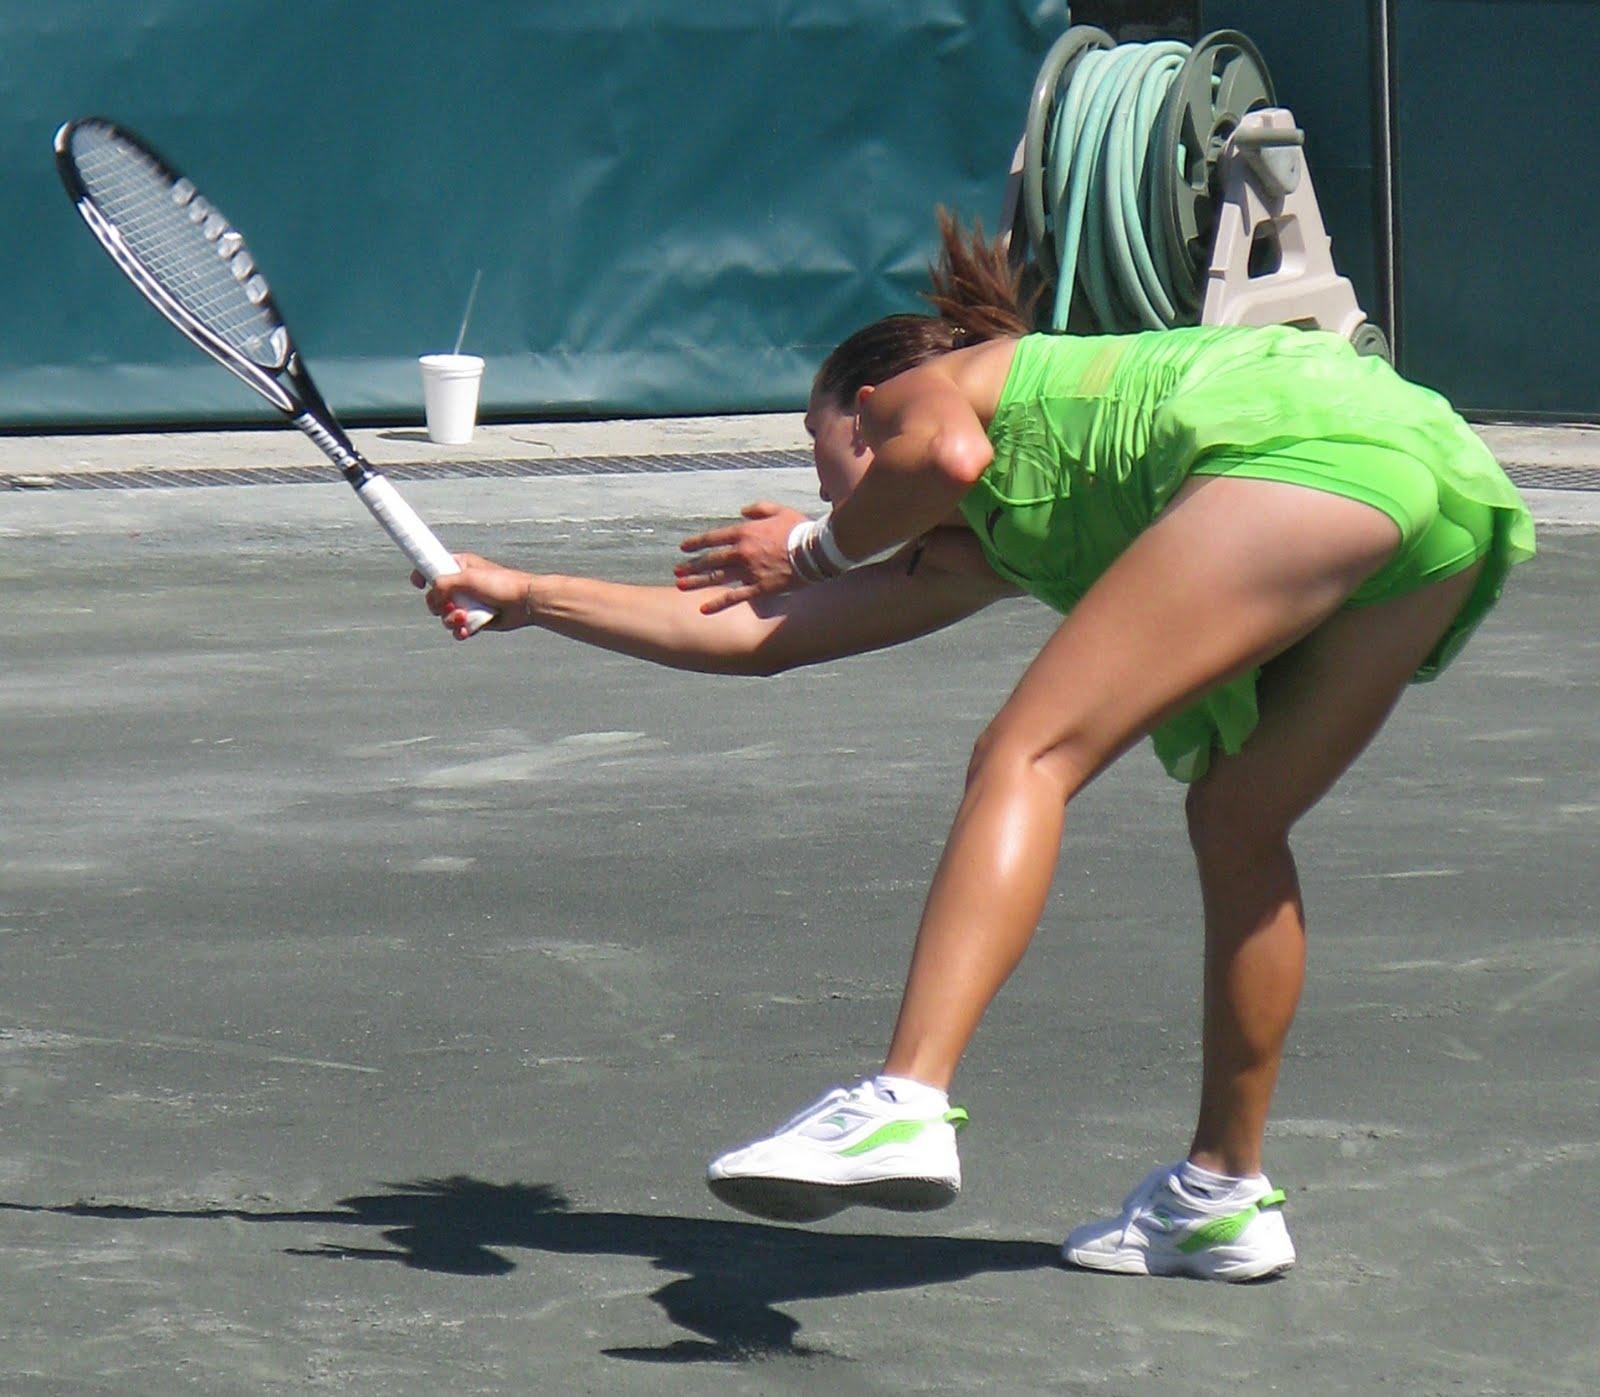 Gonna www.tennis player simona hallep shaved pussy.com bit weak